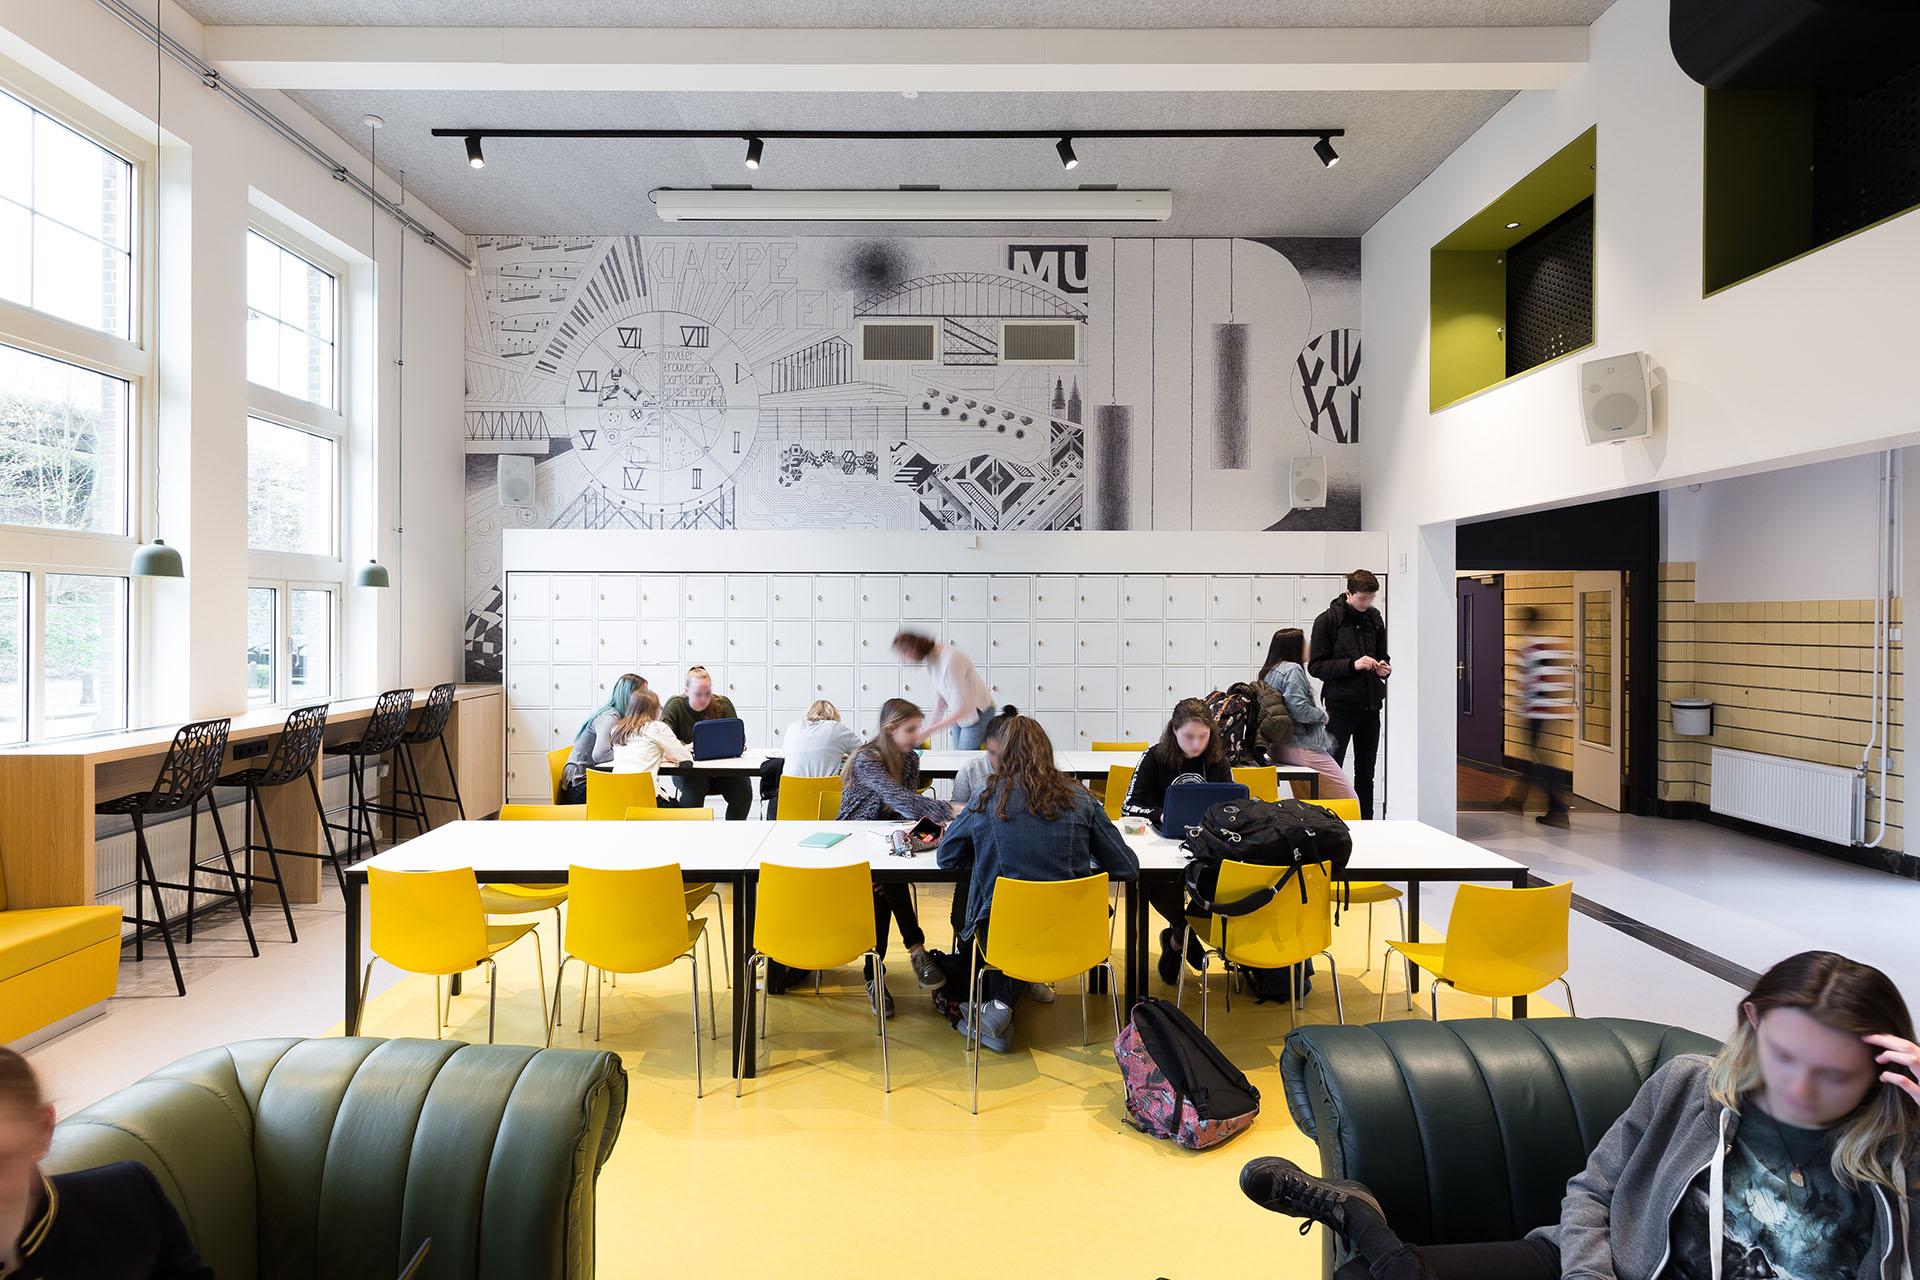 Nieuwe aula van het Stedelijk Gymnasium Nijmegen